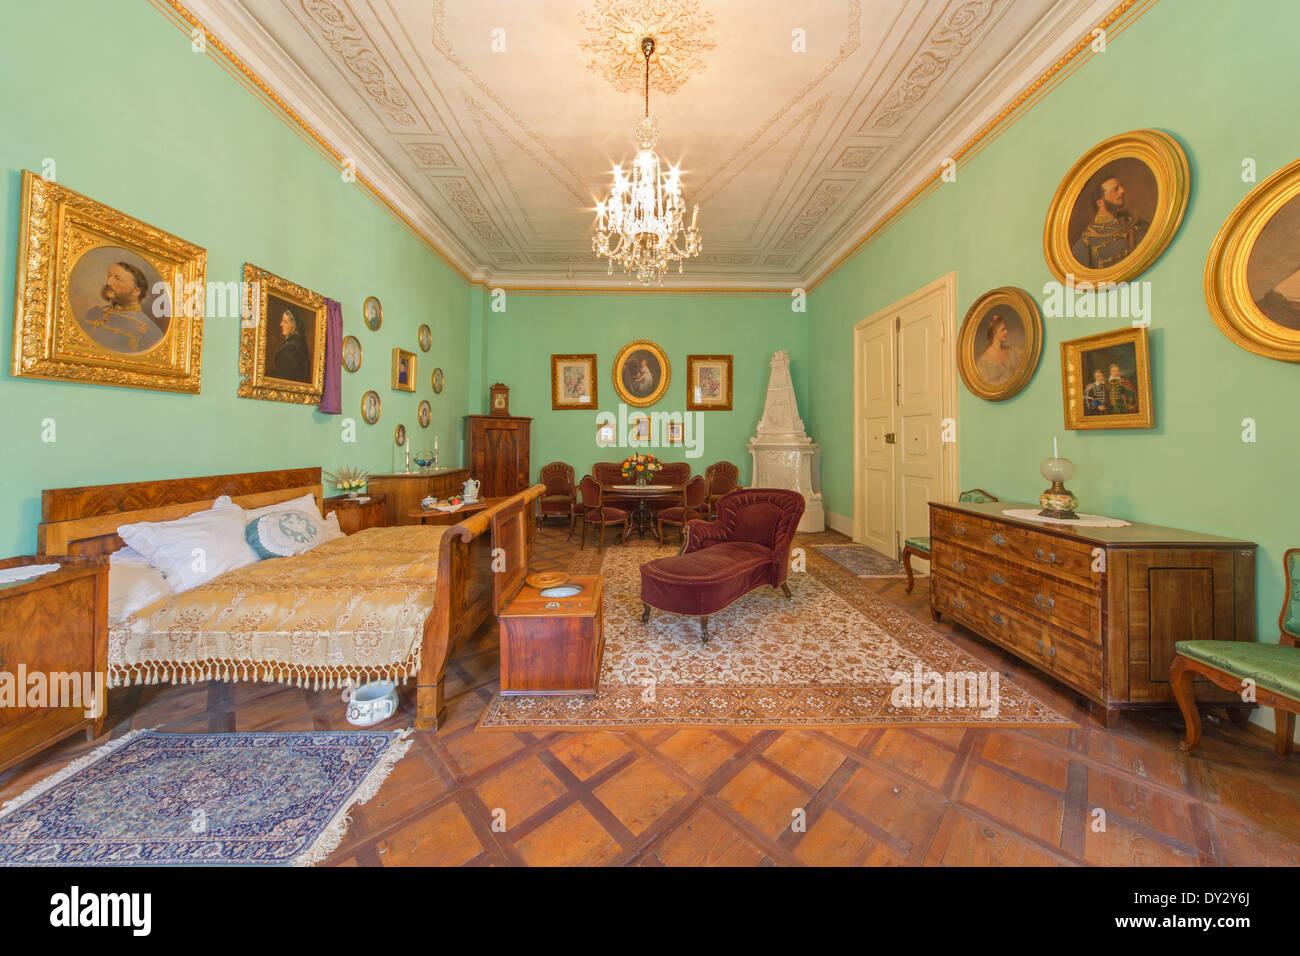 San Anton, Eslovaquia - Febrero 26, 2014: la habitación de los padres. Muebles de 19. ciento en Palacio San Anton. Imagen De Stock